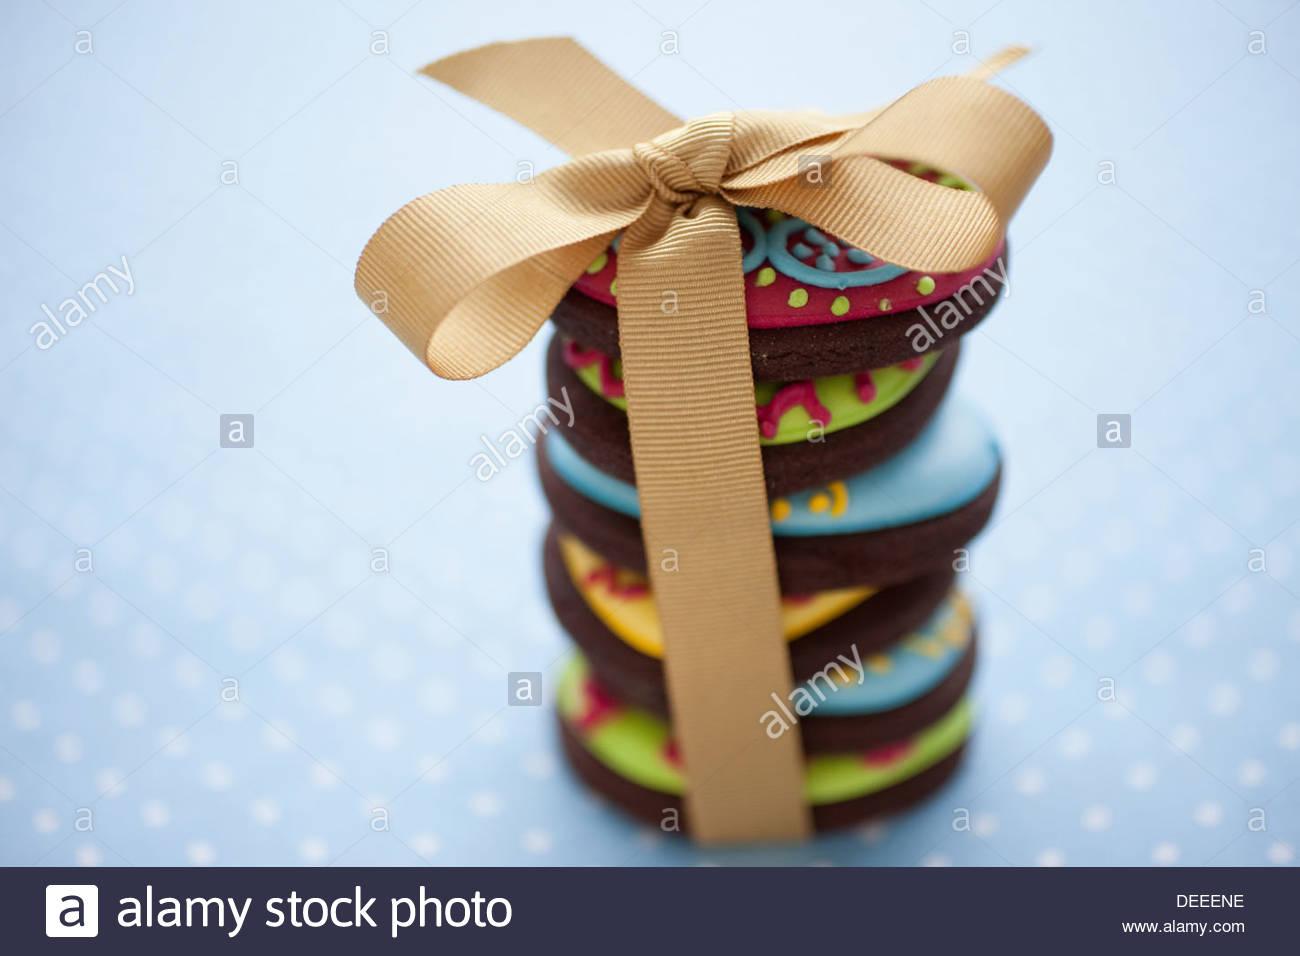 Close up of decorated Easter cookies dans pile lié avec ruban Photo Stock